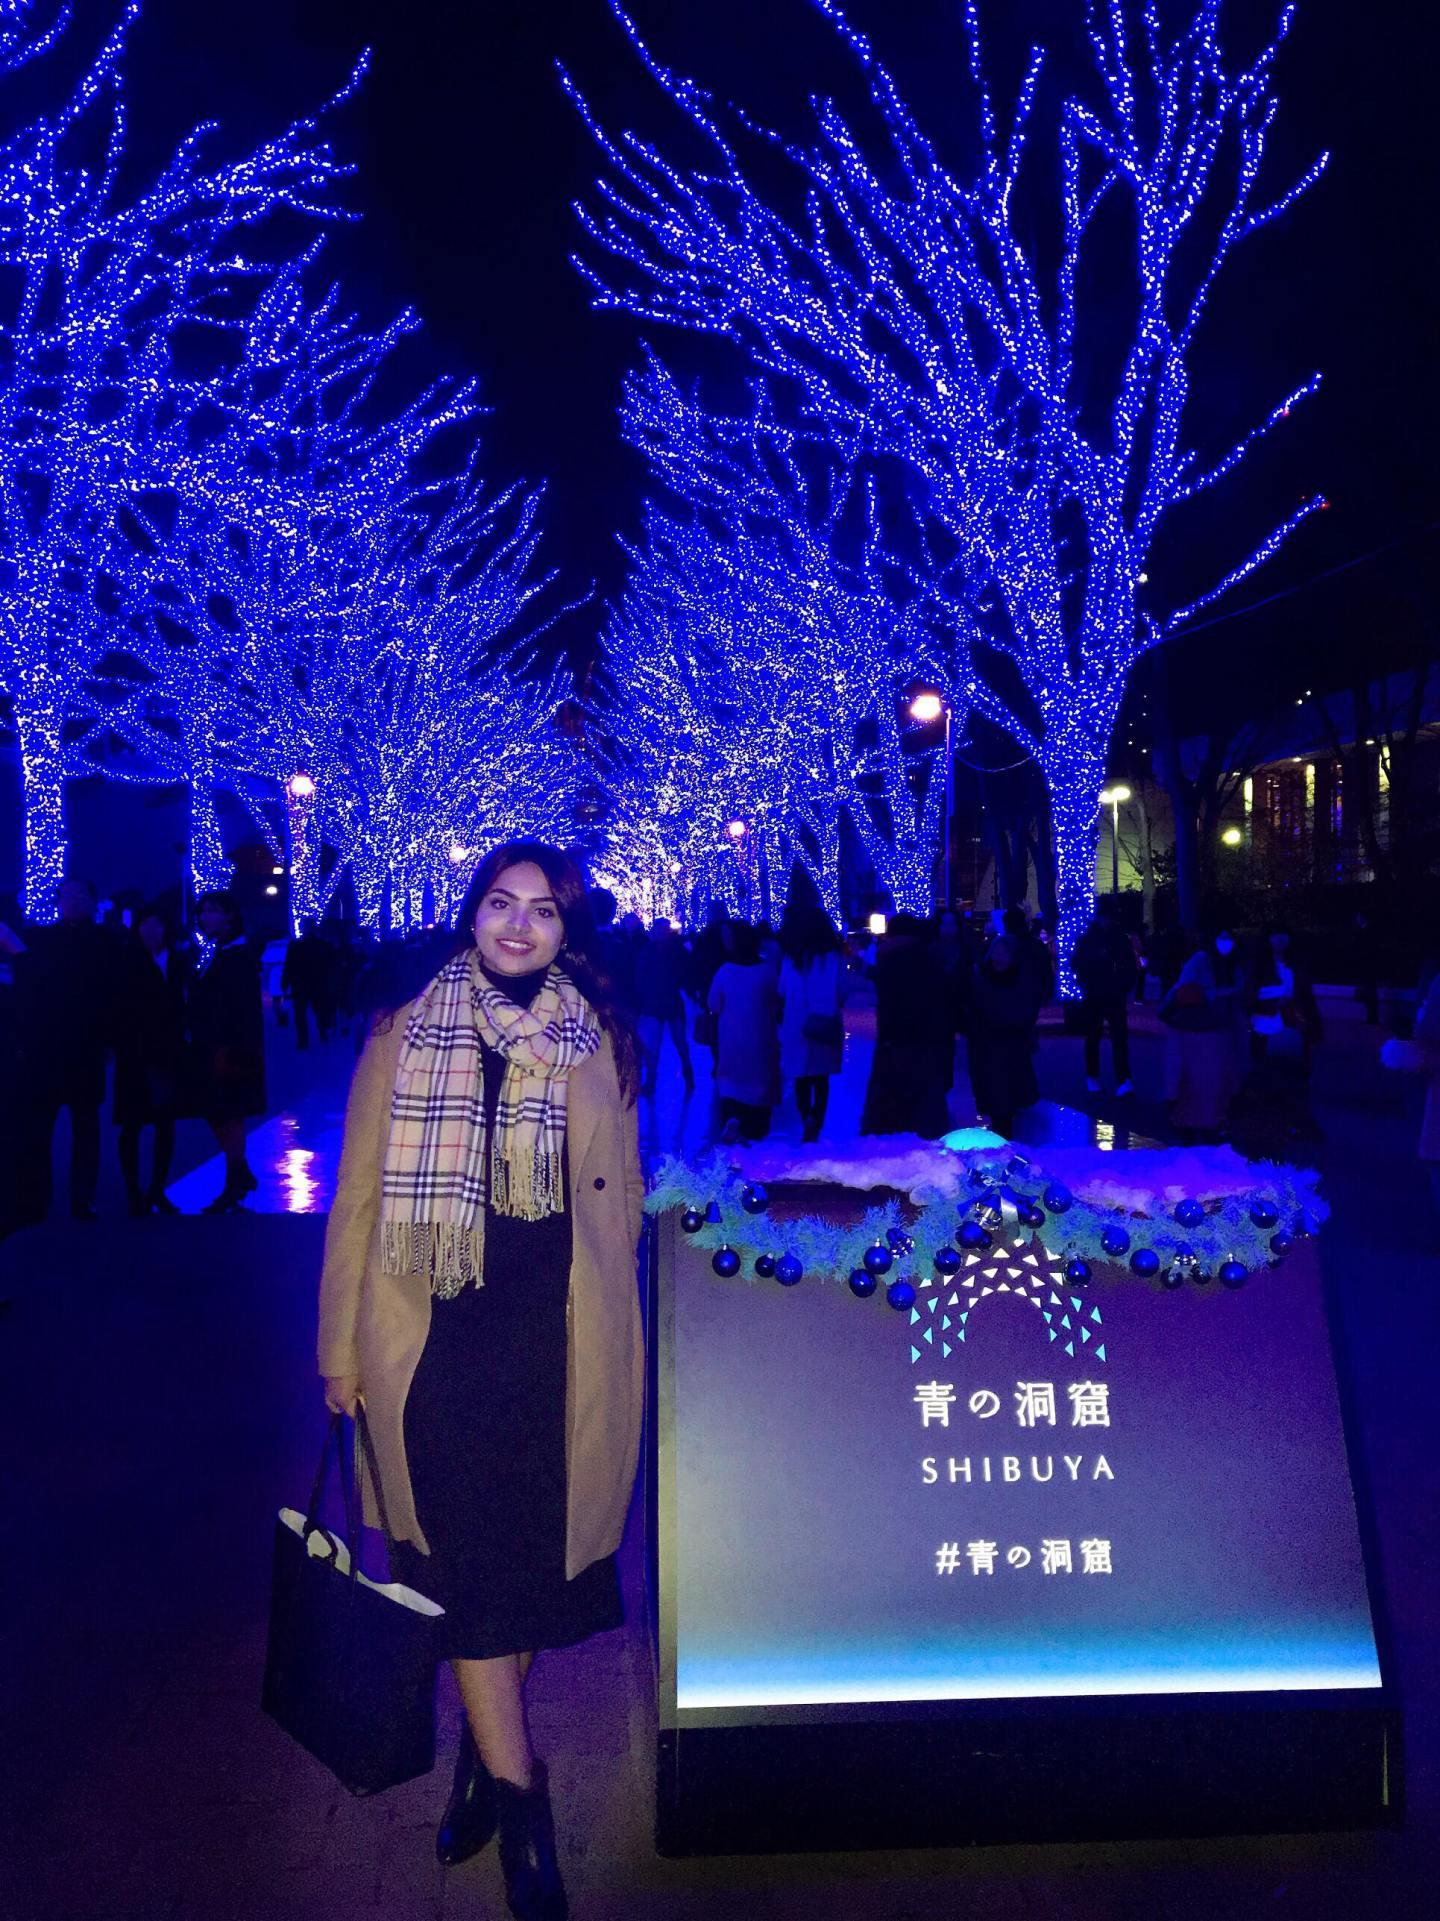 Tokyo's Best Winter Illuminations 2017